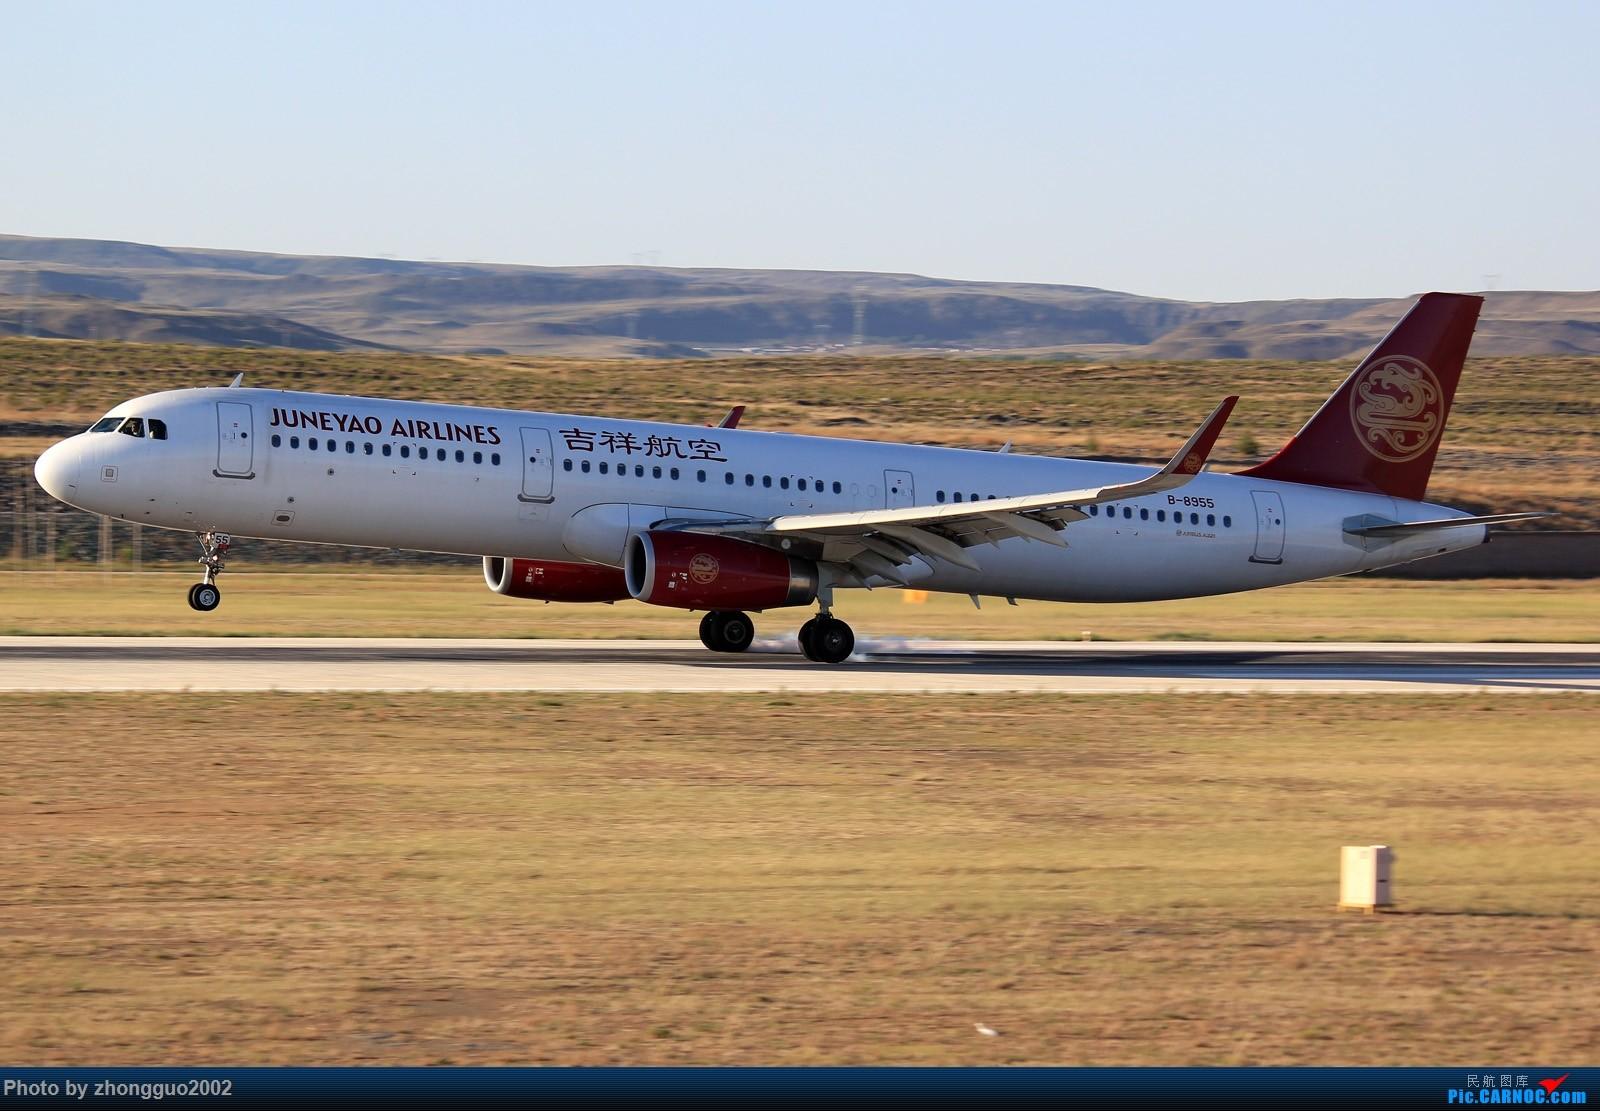 Re:[原创]随拍 AIRBUS A321-200 B-8955 中国鄂尔多斯伊金霍洛机场